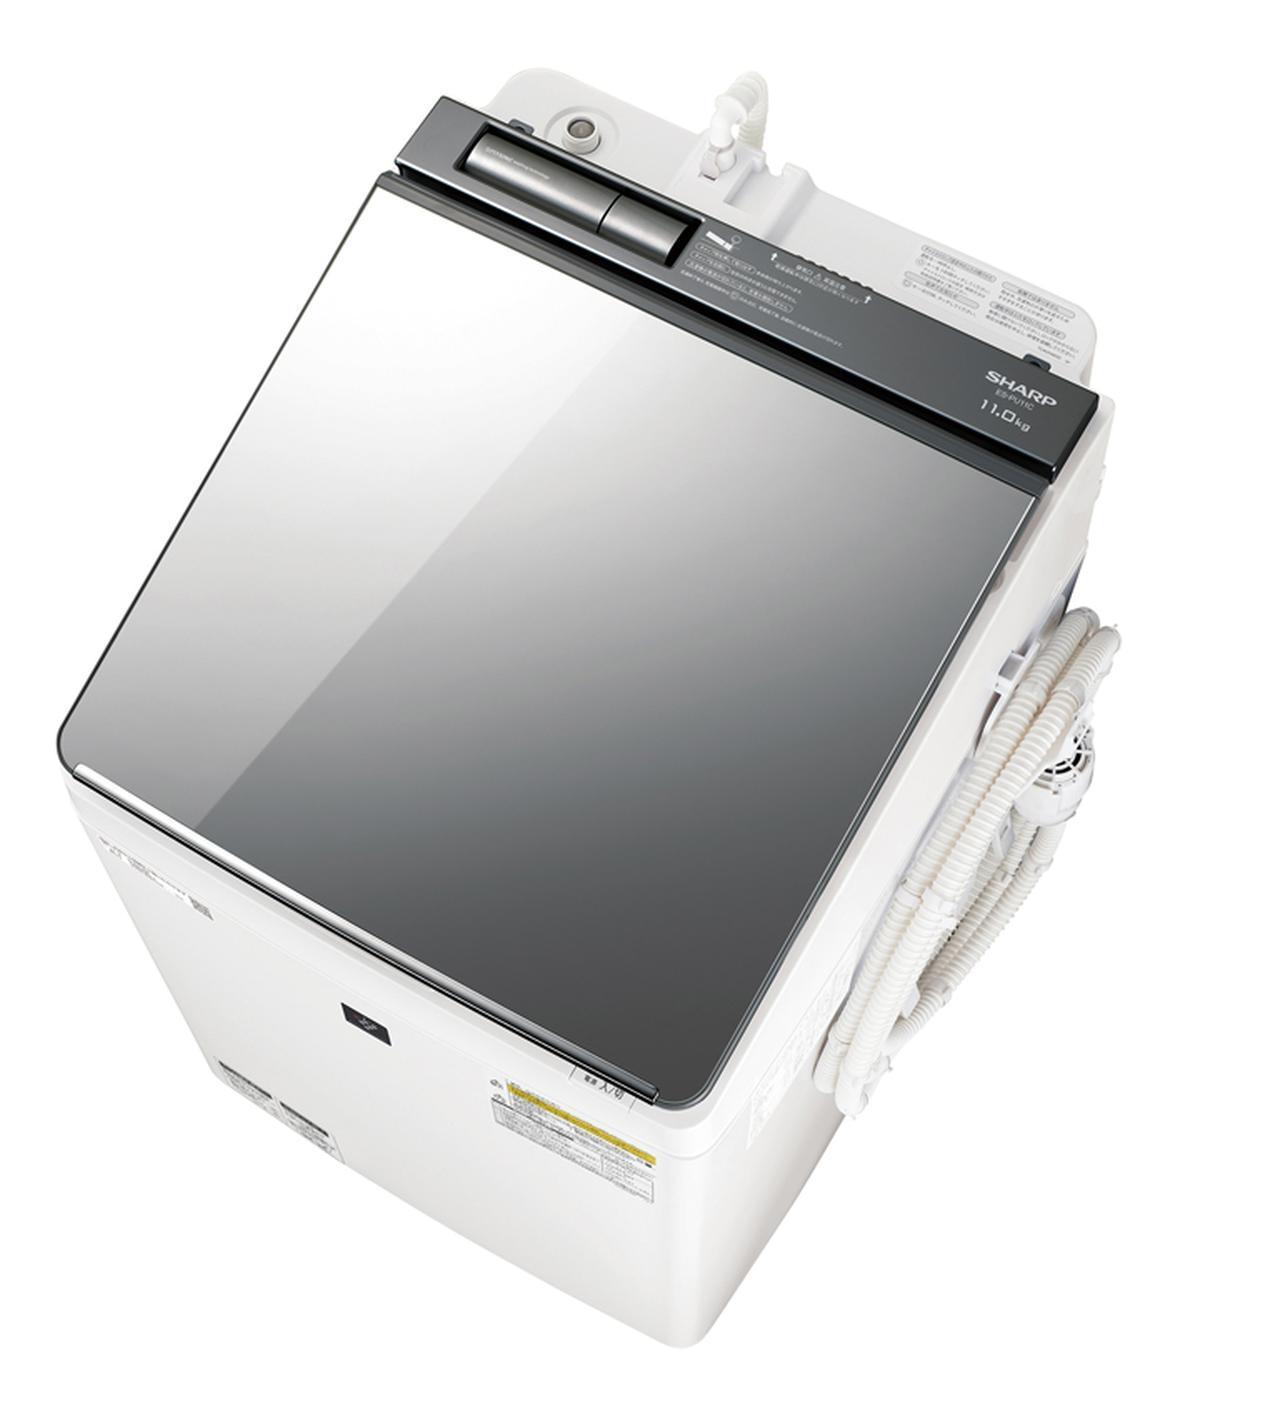 画像: 毎秒3万8000回の超音波振動により、衣類に付着した汚れを弾き飛ばせる「超音波ウォッシャー」が付属する縦型洗濯乾燥機。